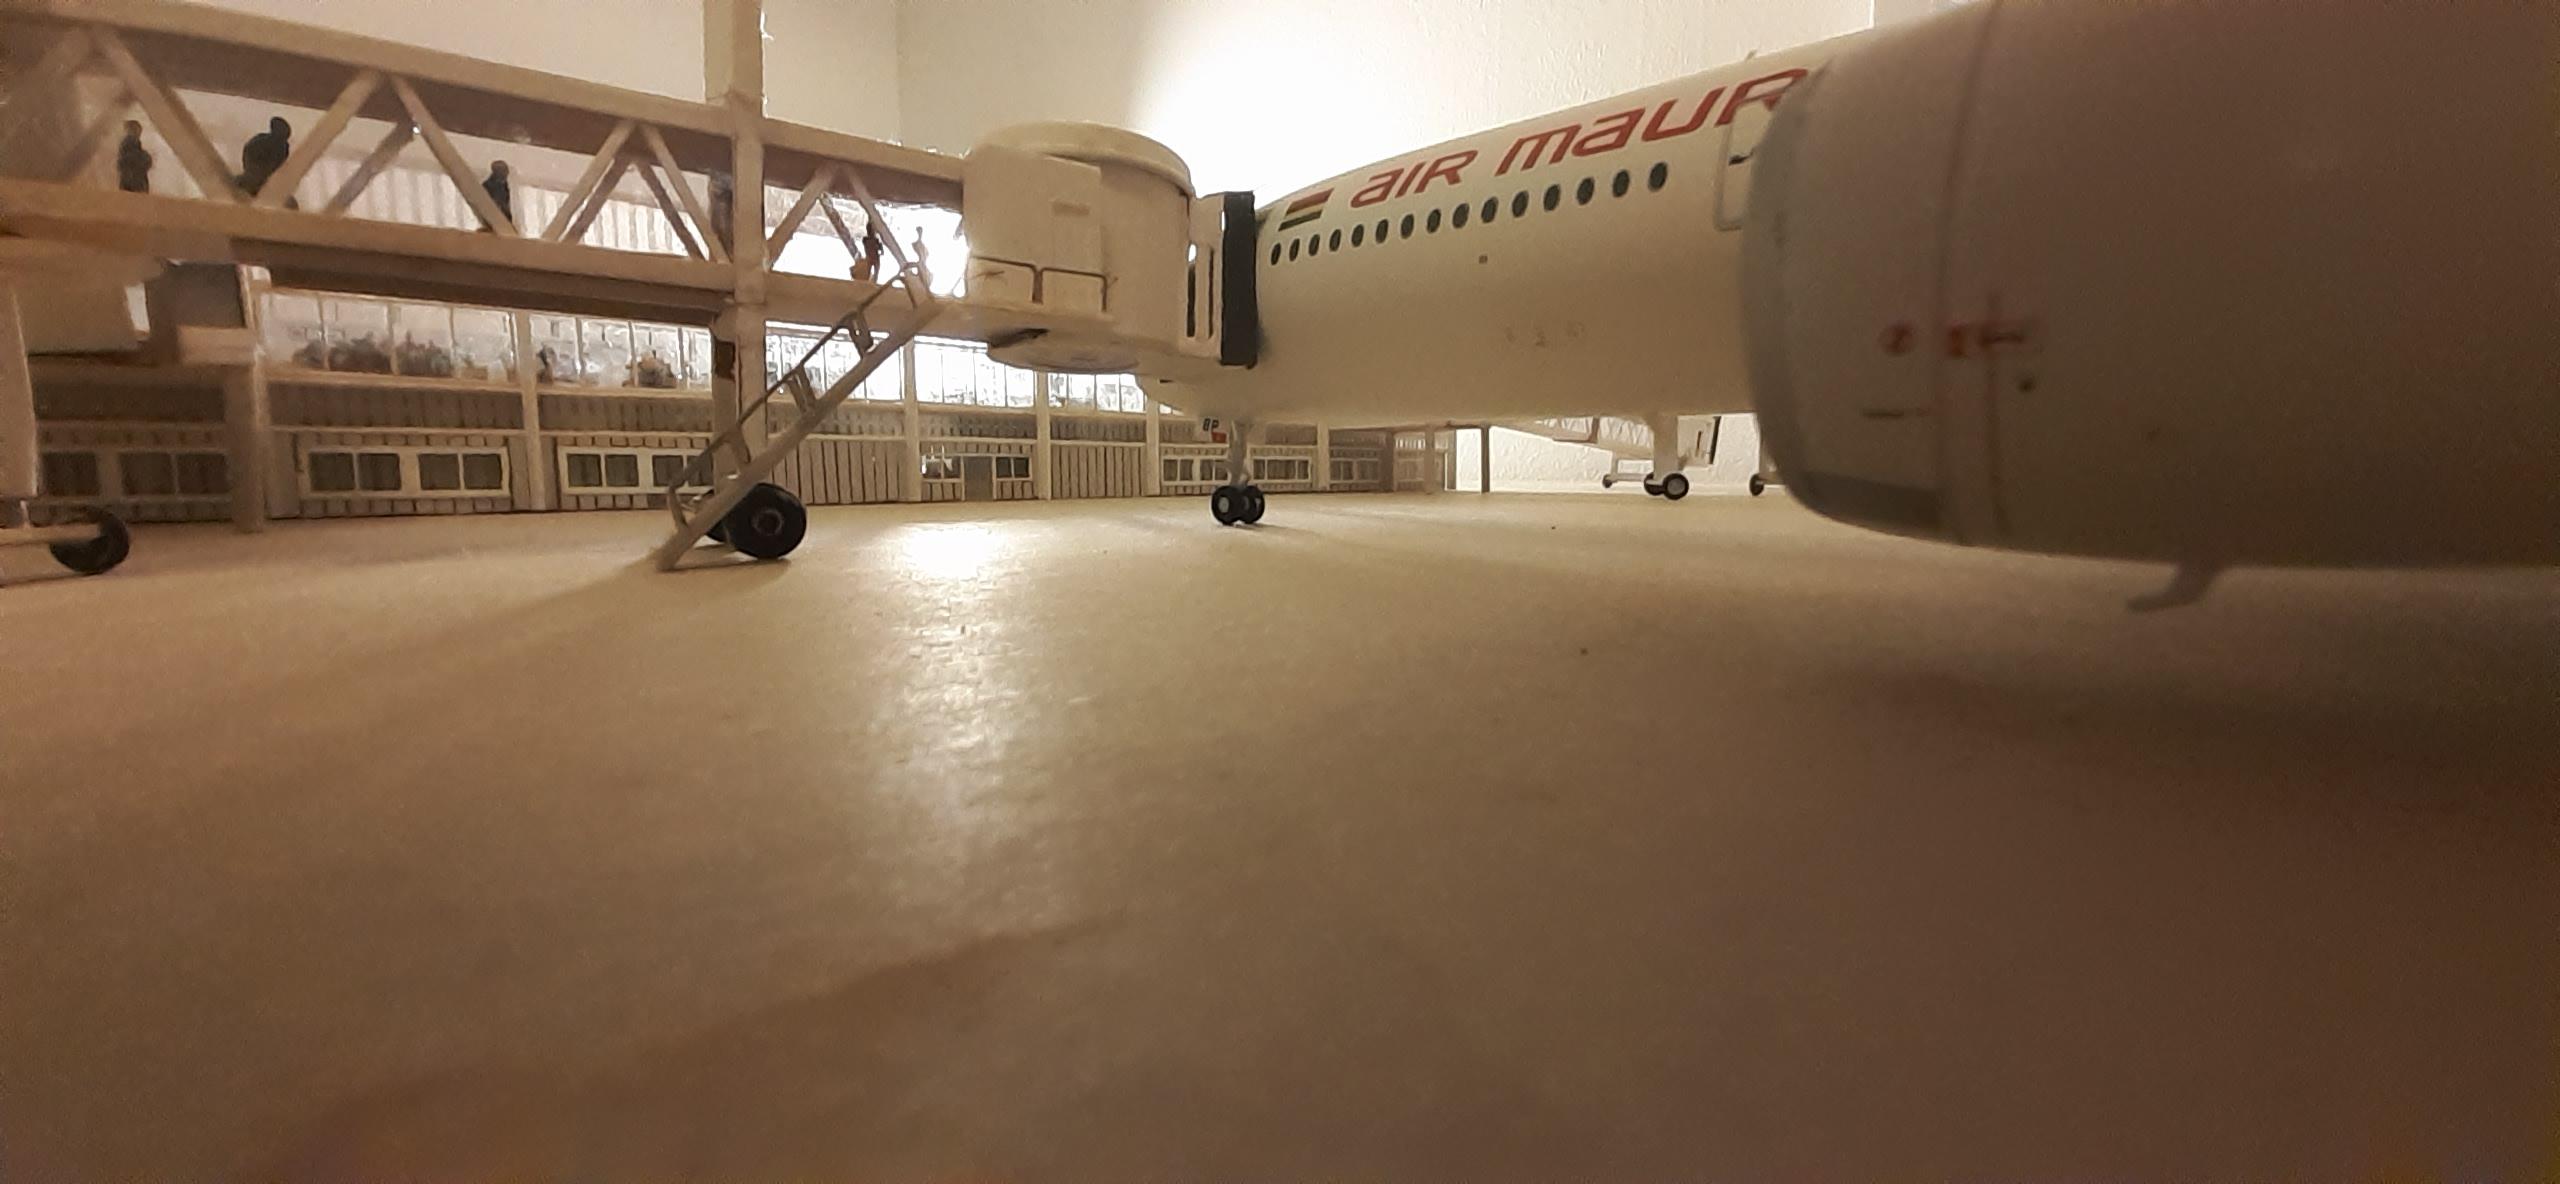 Réalisation de la maquette 1/144 d' un aéroport international (scratch) - Page 17 20200592